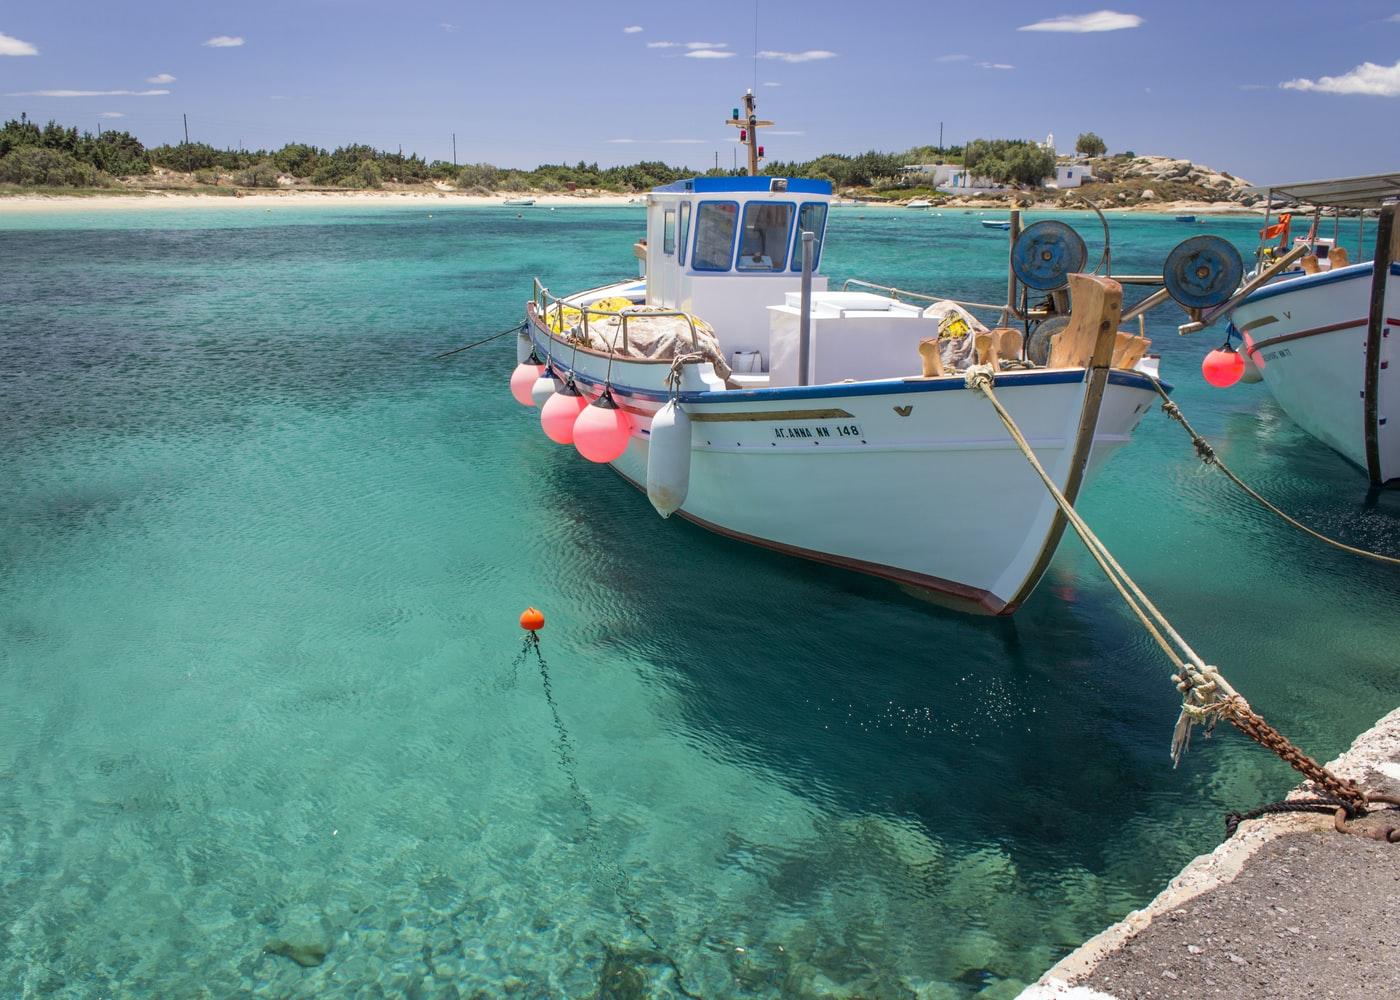 ZEGRZE – Naprawa Jachtów i Serwis